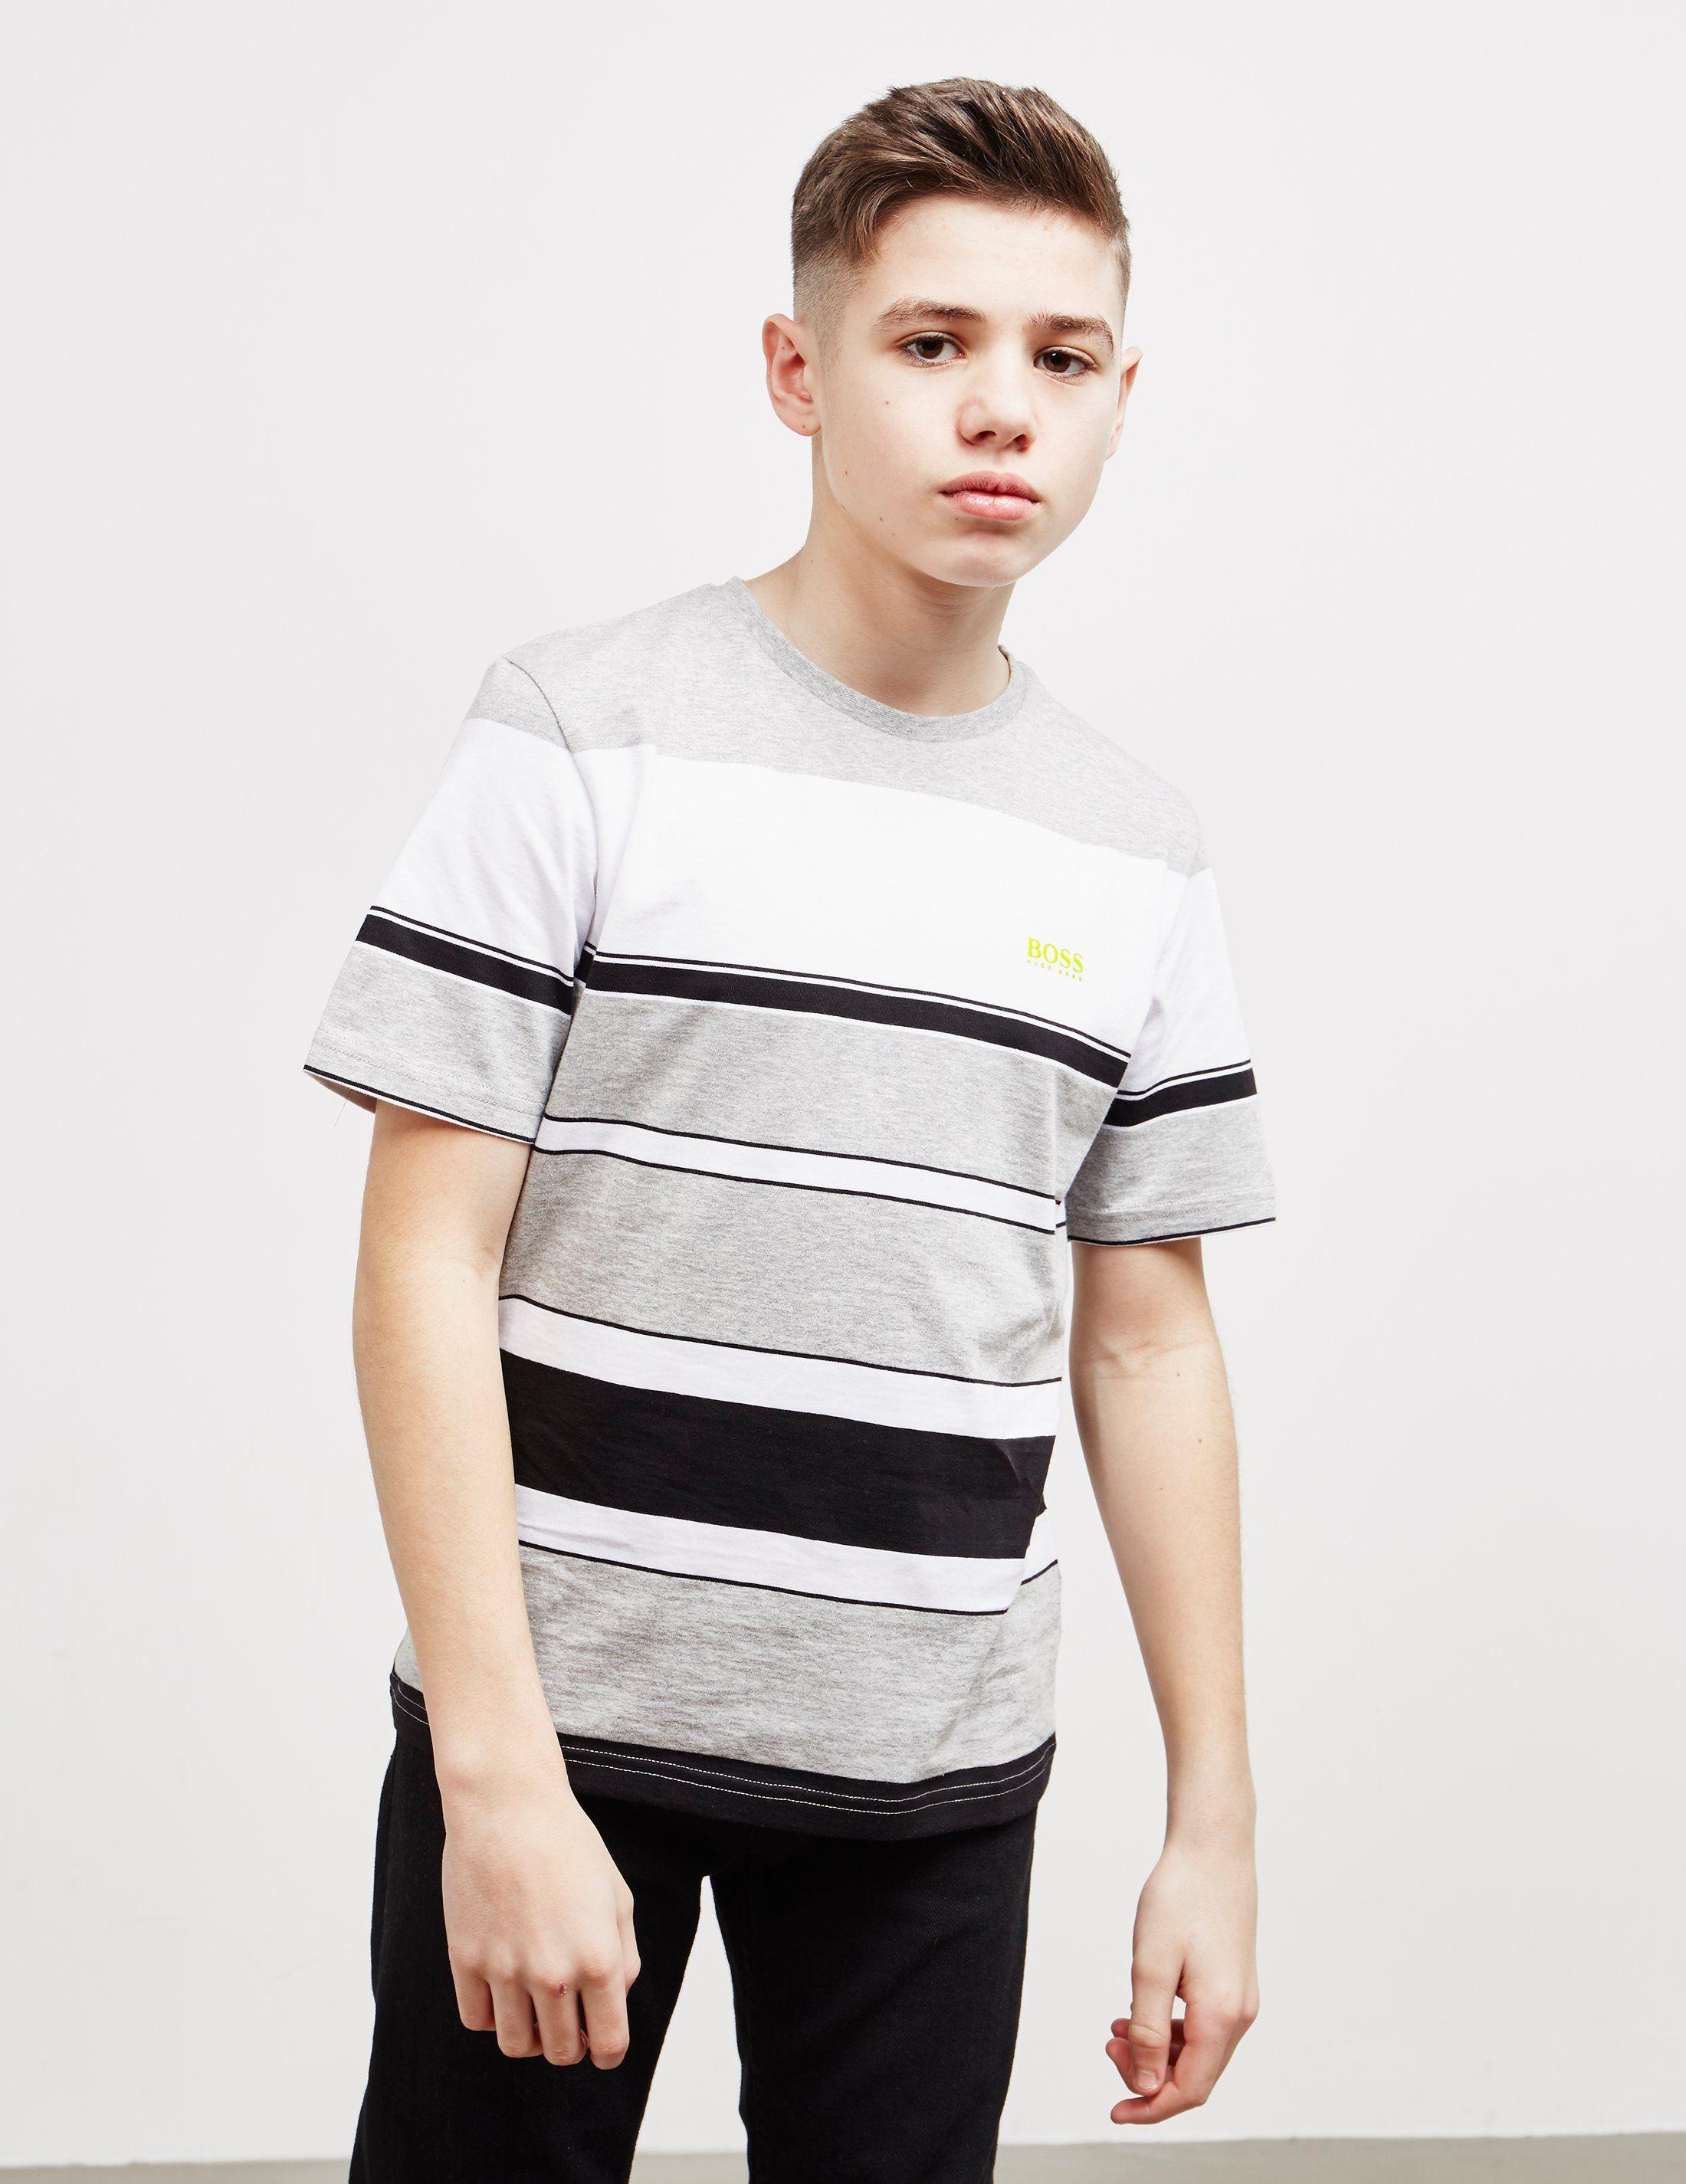 BOSS Multi Stripe Short Sleeve T-Shirt